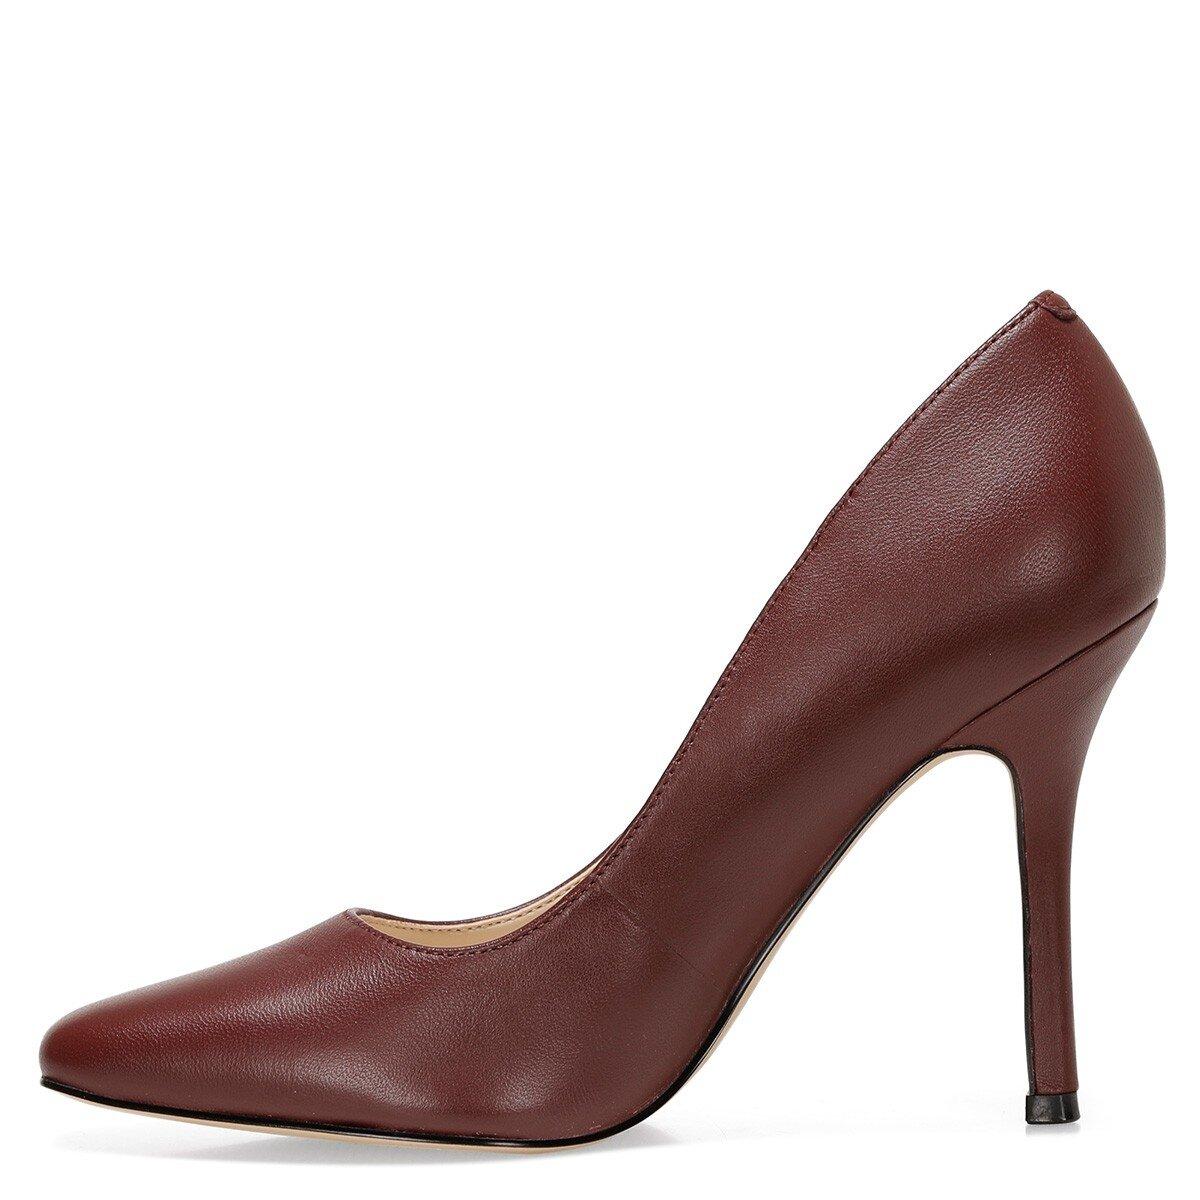 ARLEY Bordo Kadın Topuklu Ayakkabı